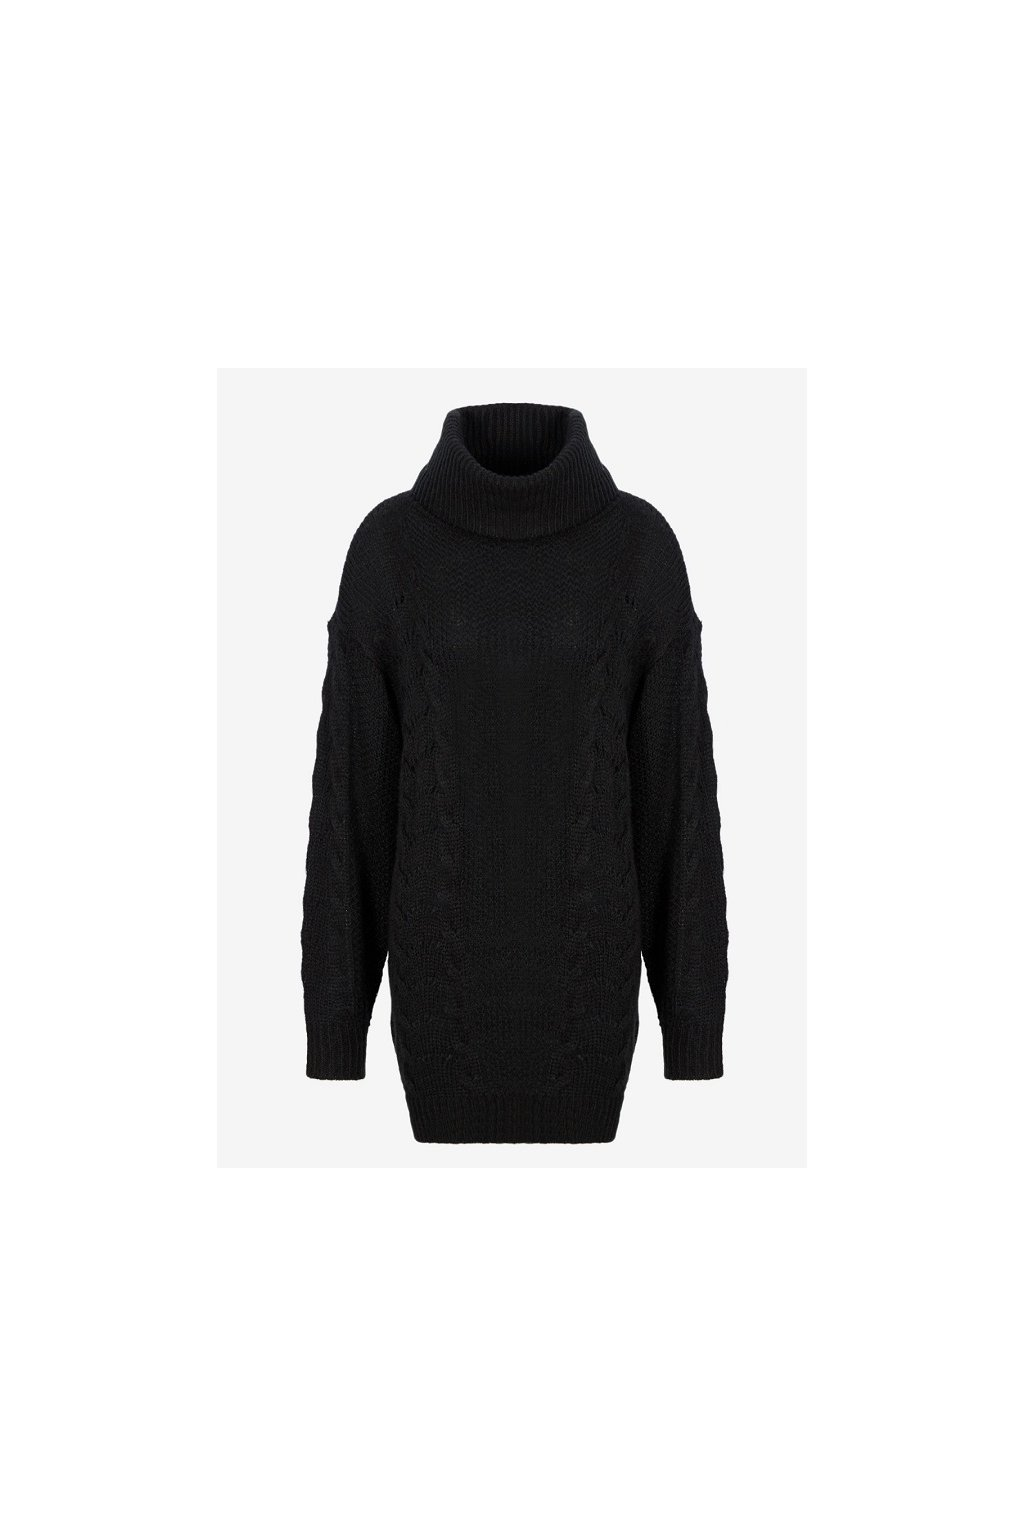 6GYM1Q YMR8Z Dámský mohérový svetr Armani Exchange černý